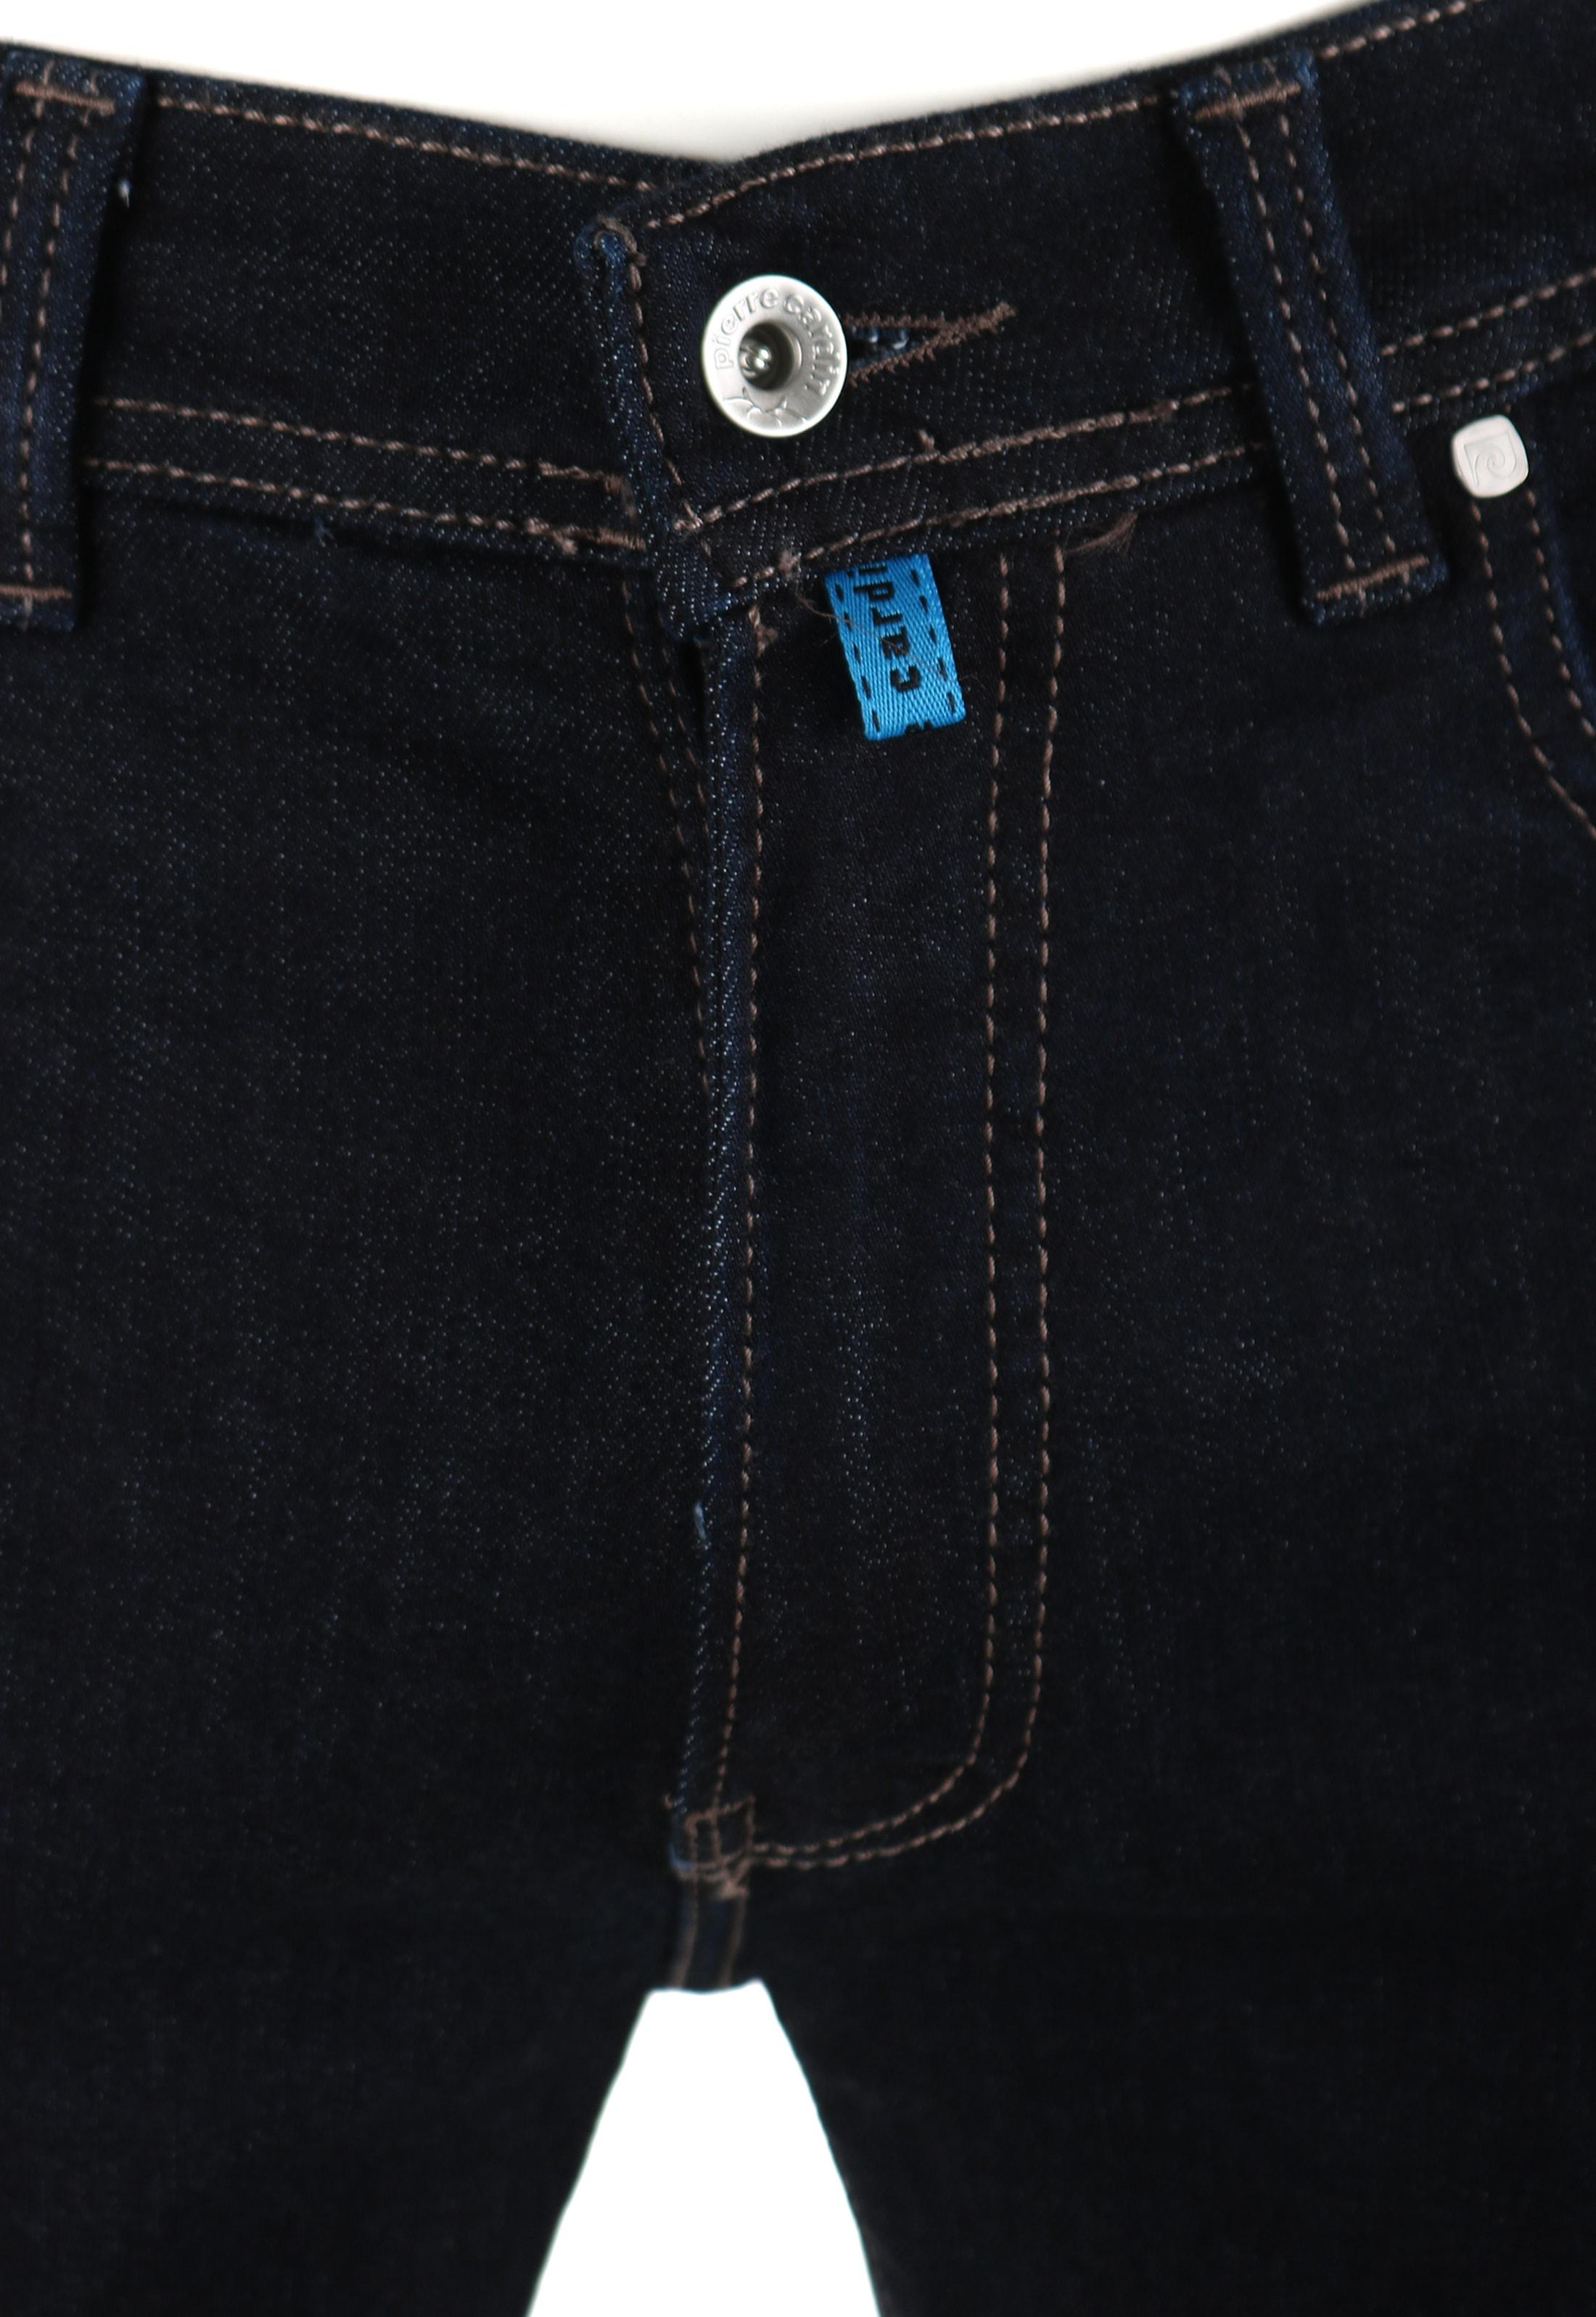 Pierre Cardin Lyon Jeans Future Flex 04 foto 2